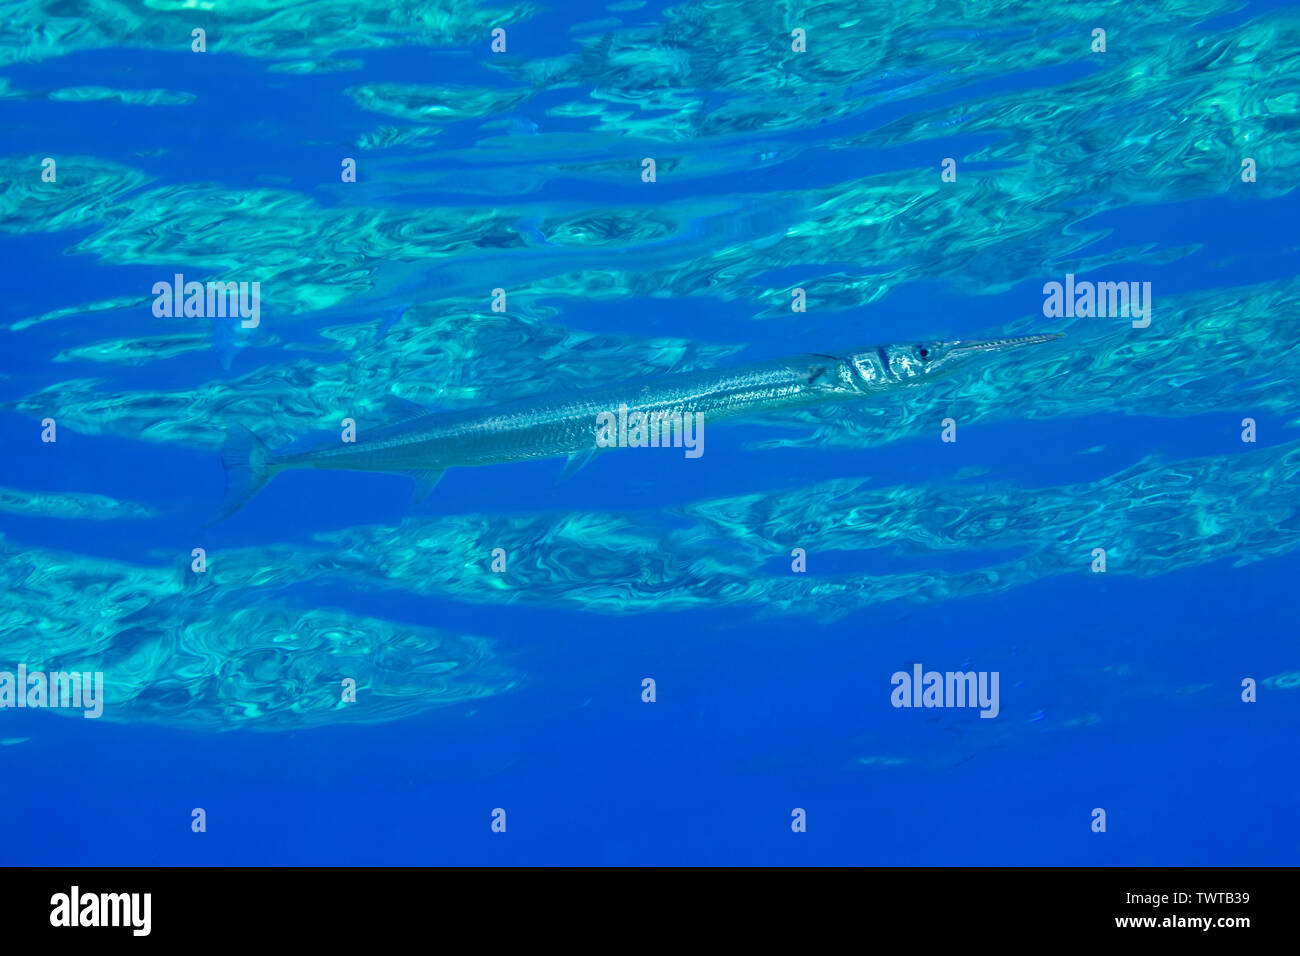 Il coccodrillo needlefish, Tylosurus crocodilus, nuota appena sotto la superficie e che è molto difficile da vedere in questo contesto, Hawaii. Immagini Stock